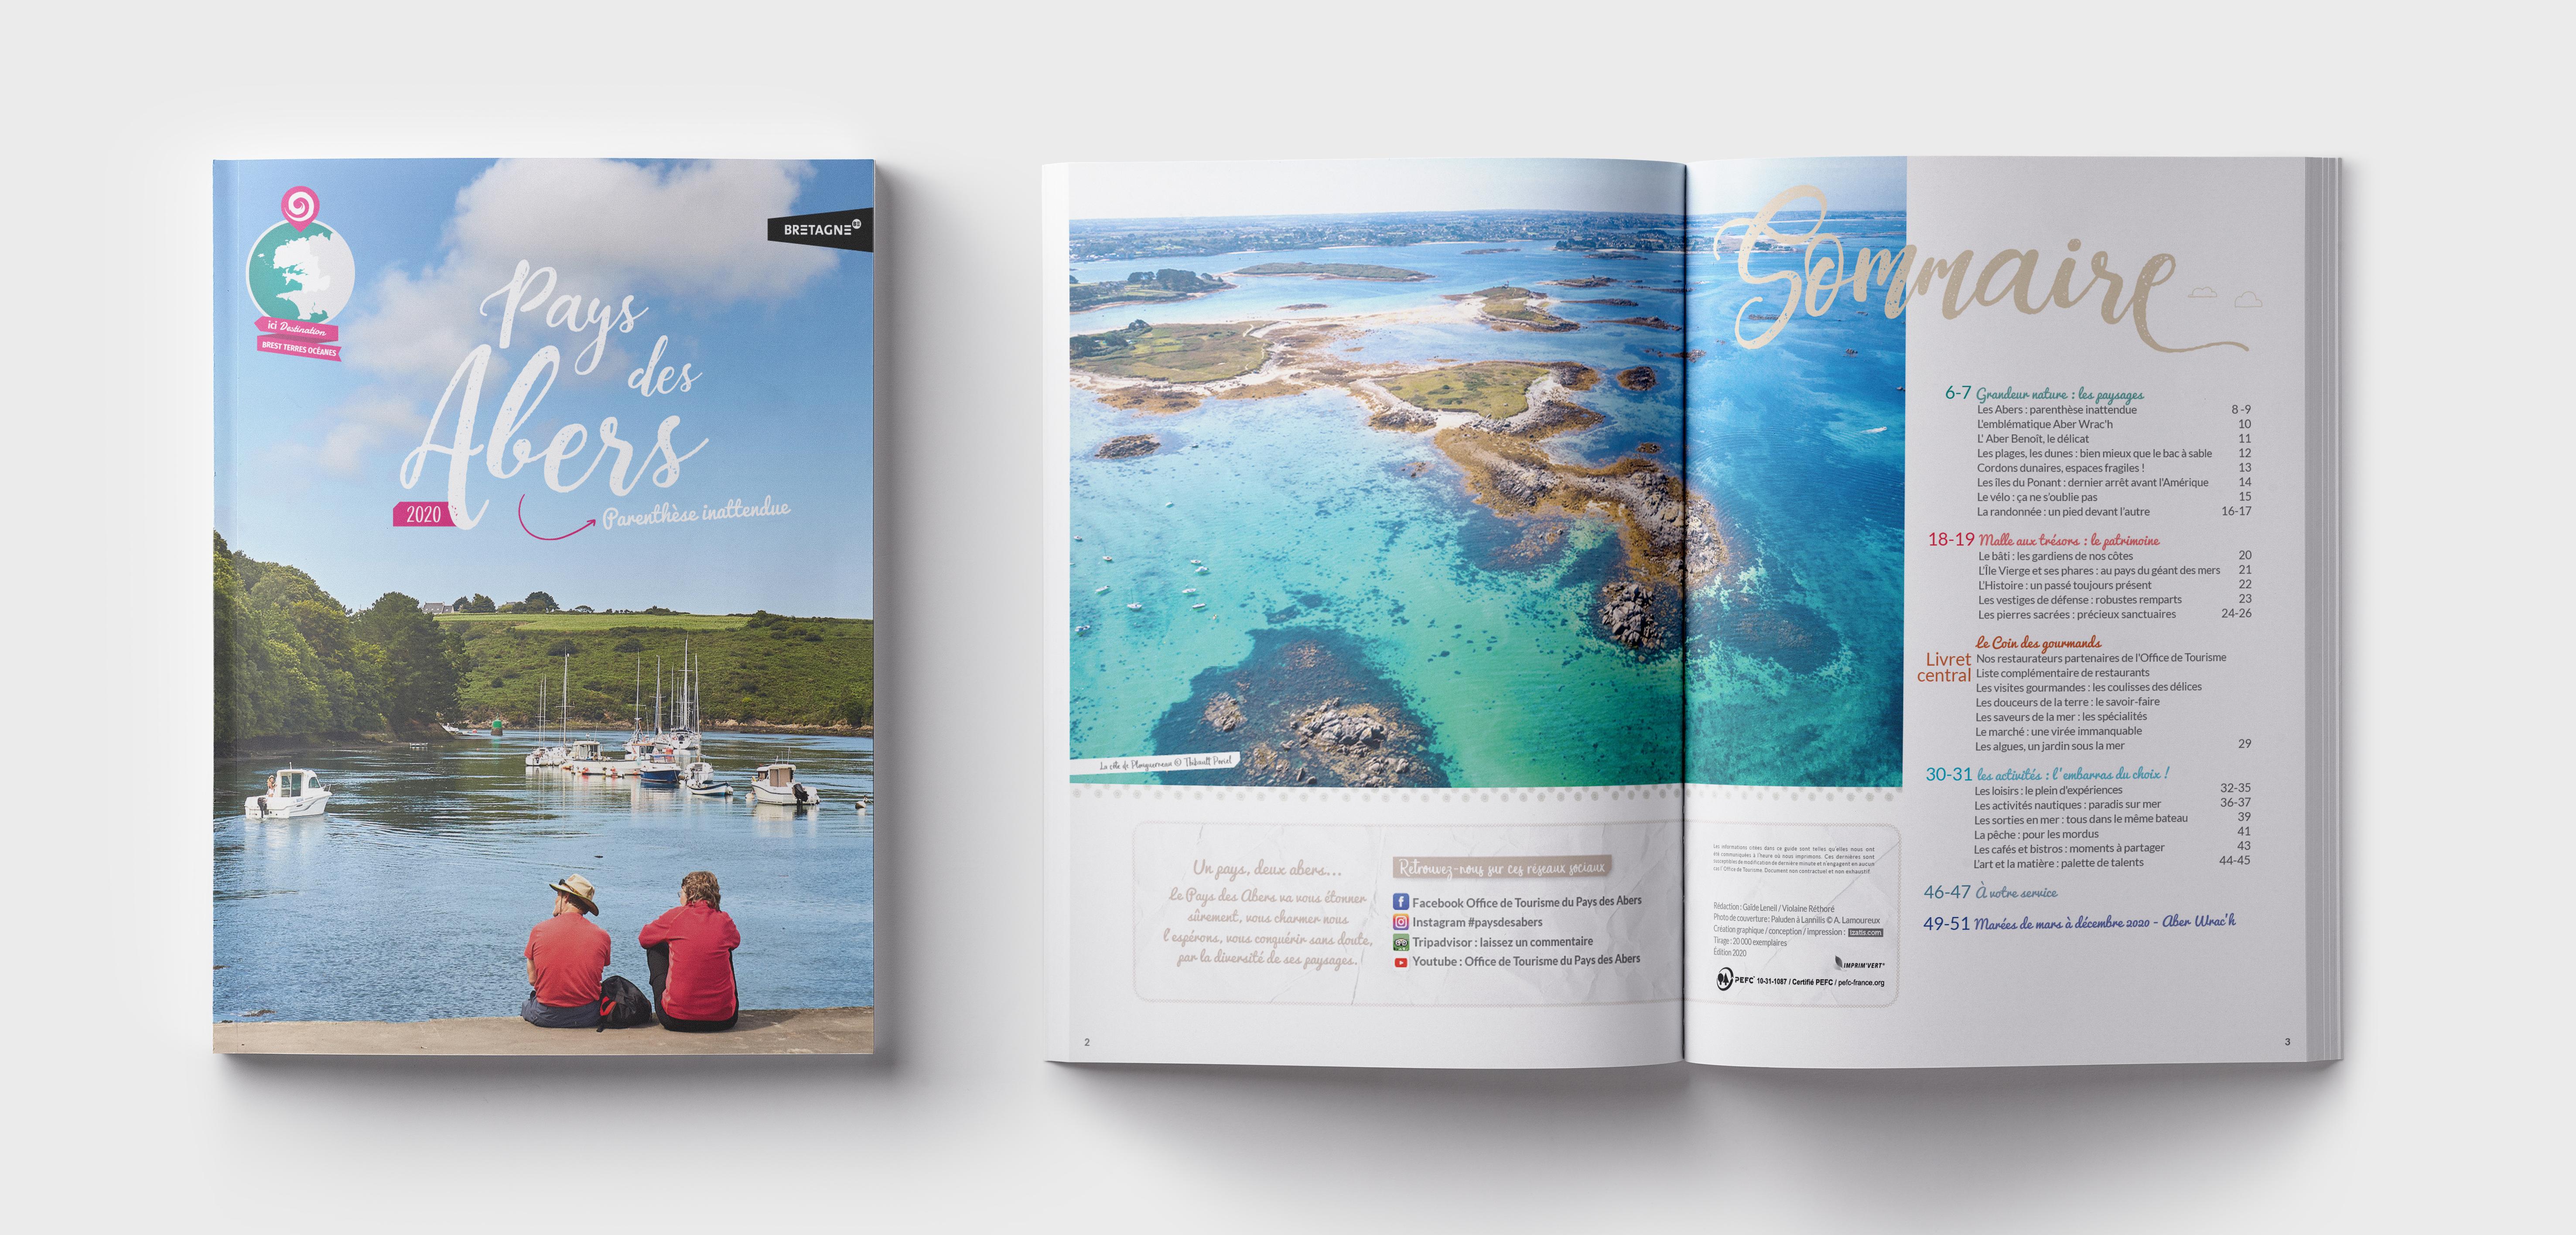 IZATIS_PAYS_DES_ABERS_guide_touristique_pages_cover_2020